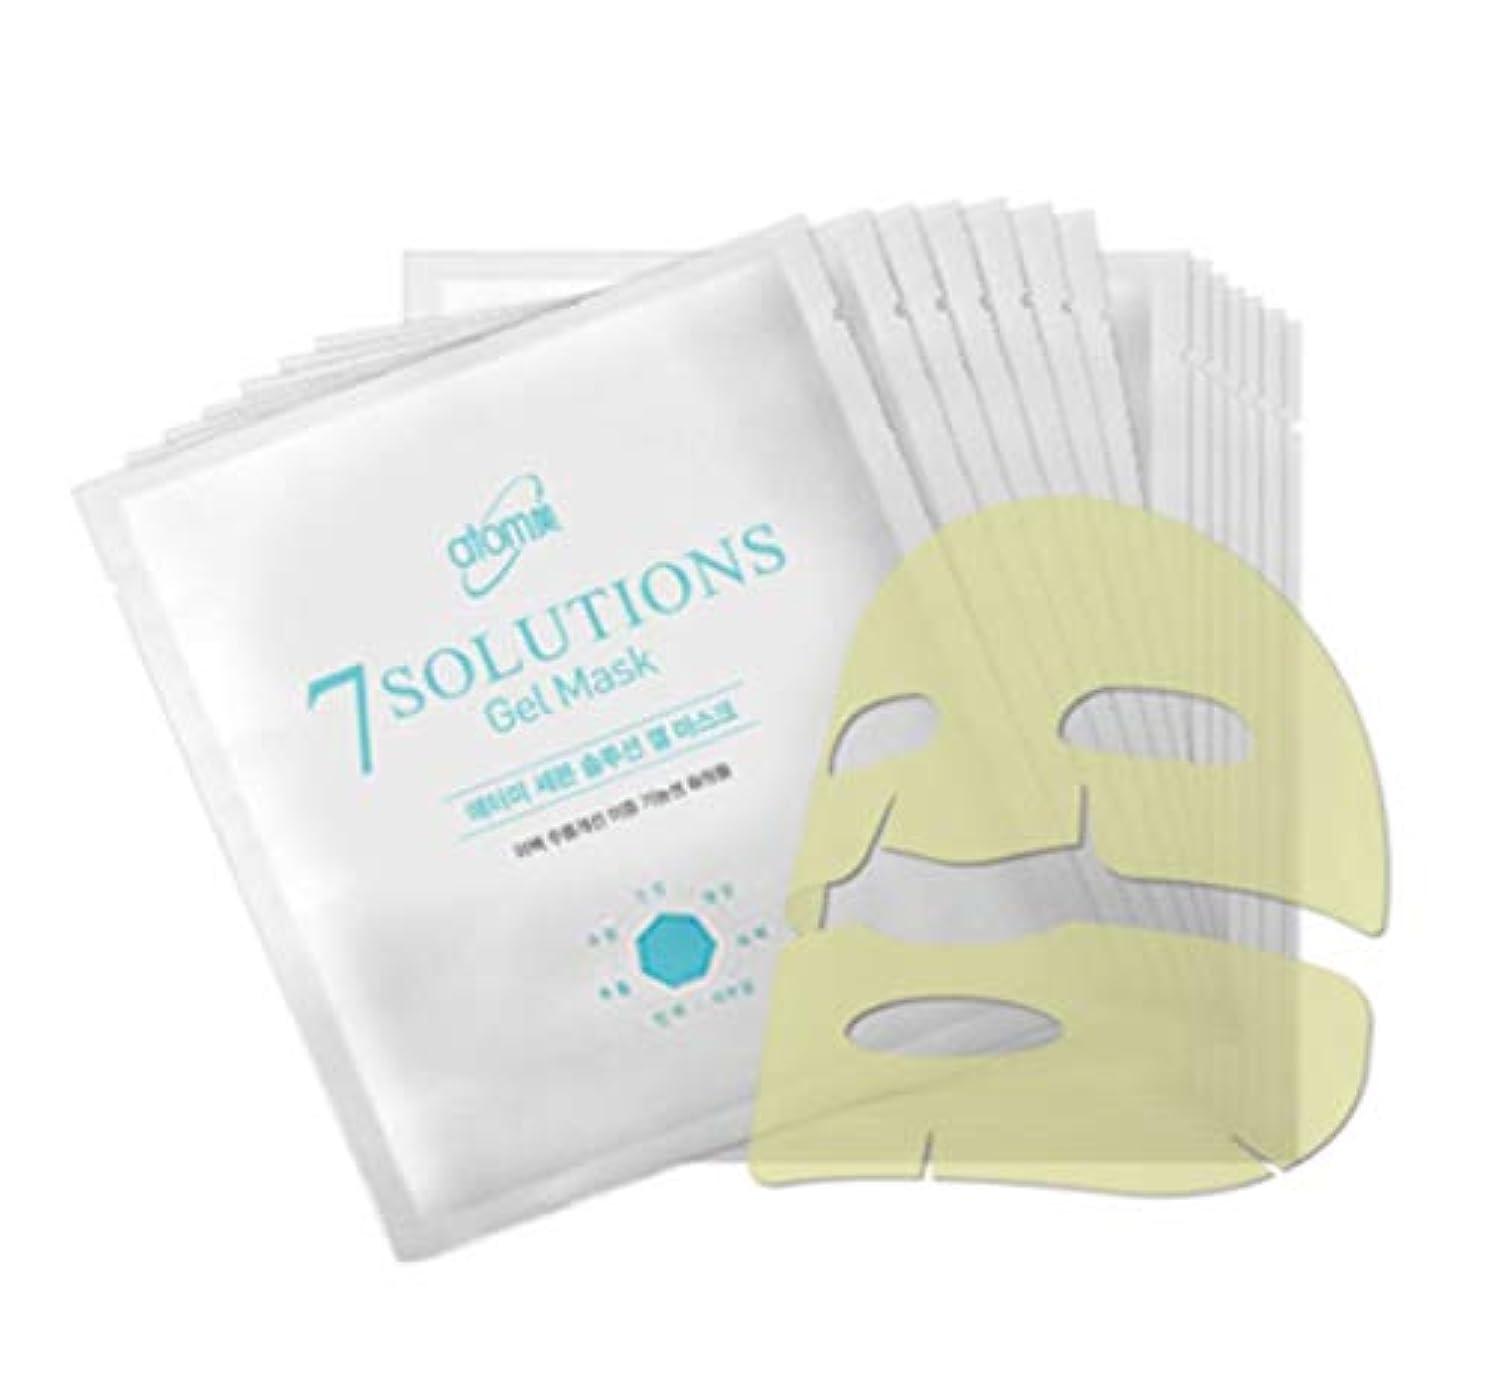 大胆耐えられる眠るAtomy アトミ 7 solution Gel Mask 25g X 14ea美白シワ改善二重機能性化粧品(並行輸入品)